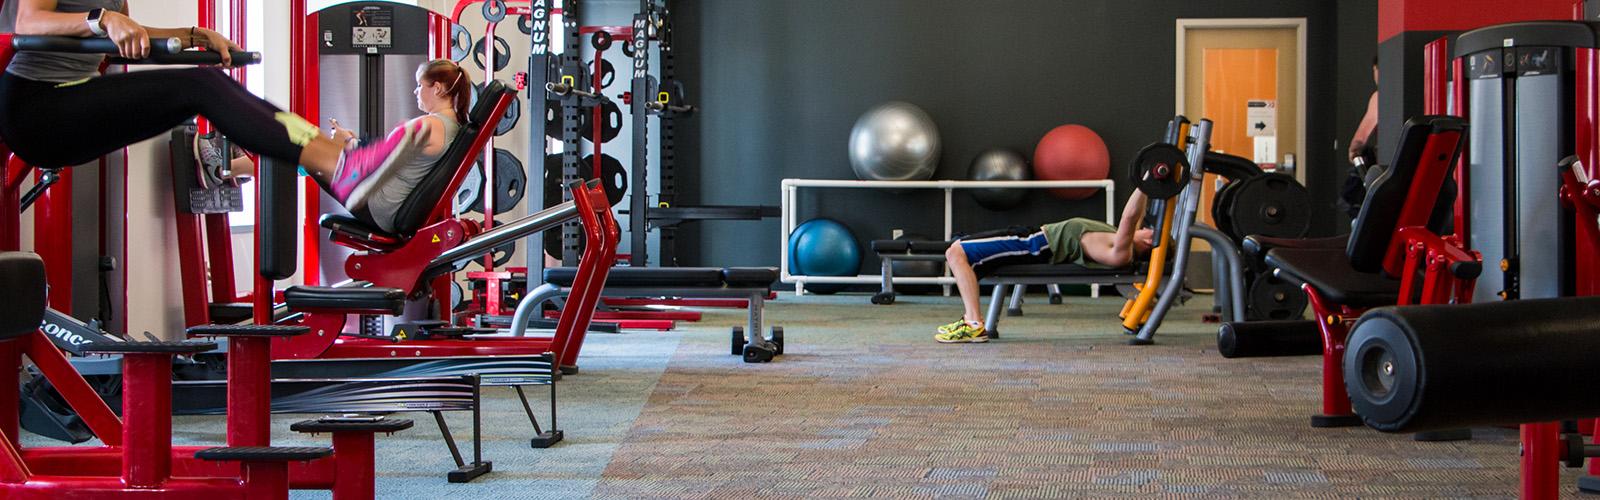 Ogg Fitness Center